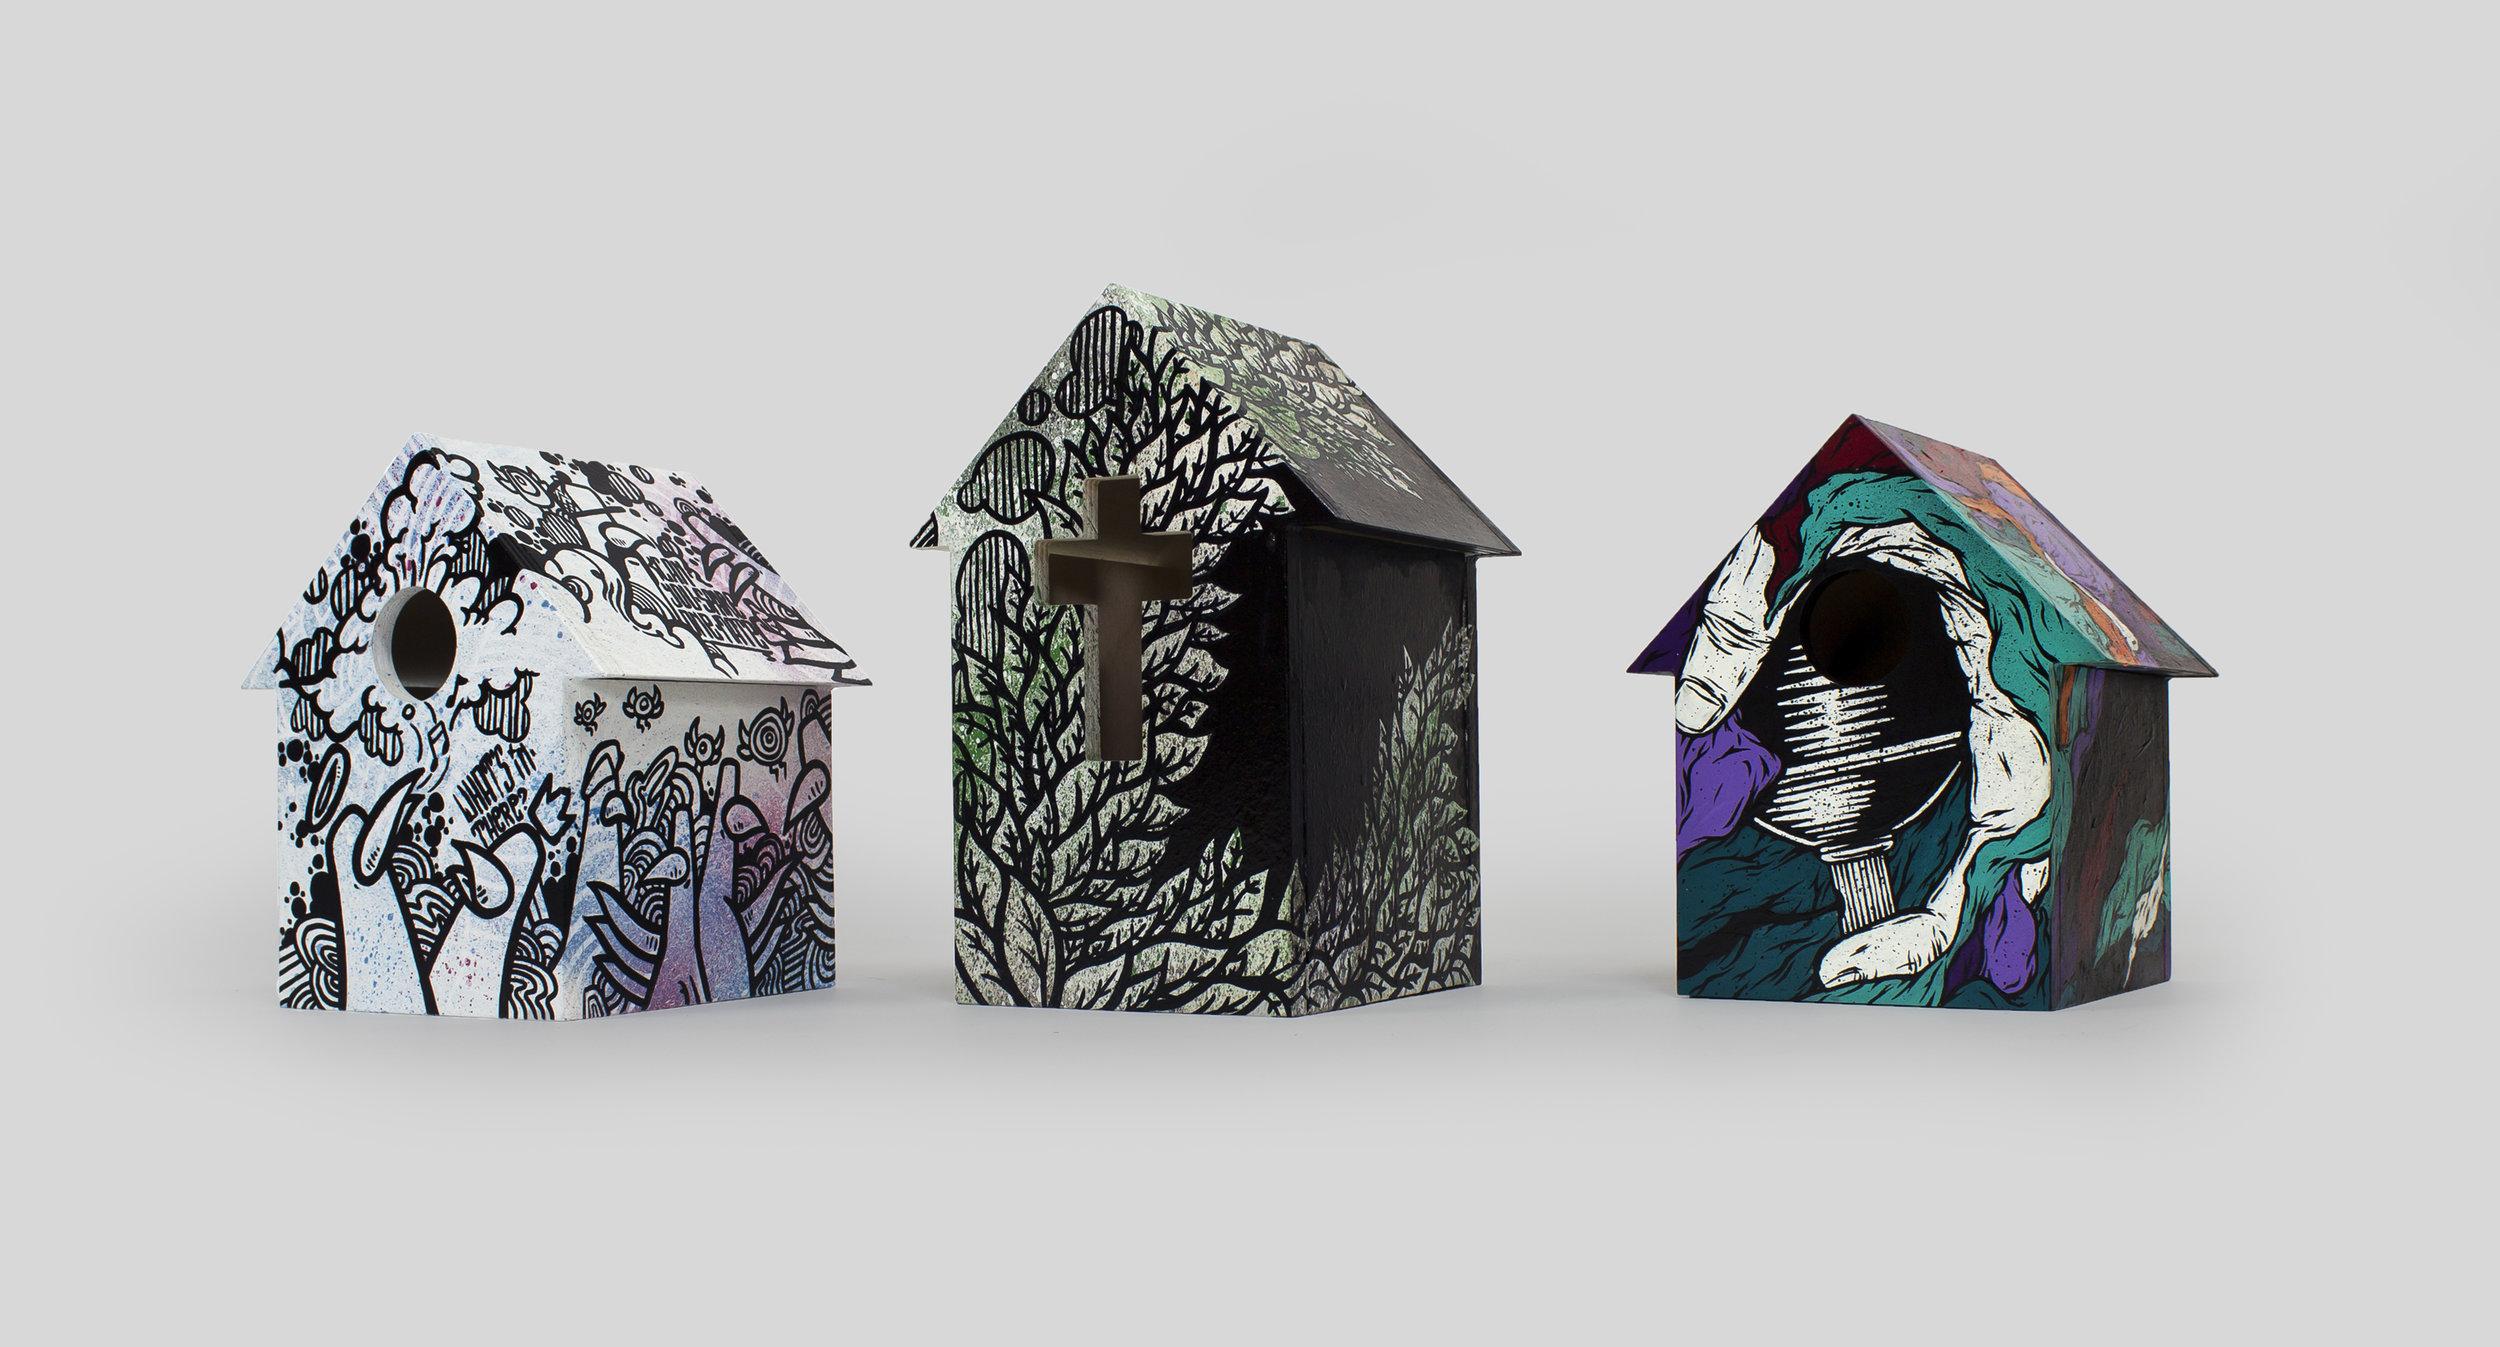 Série limitée par les artistes Matel et Avive